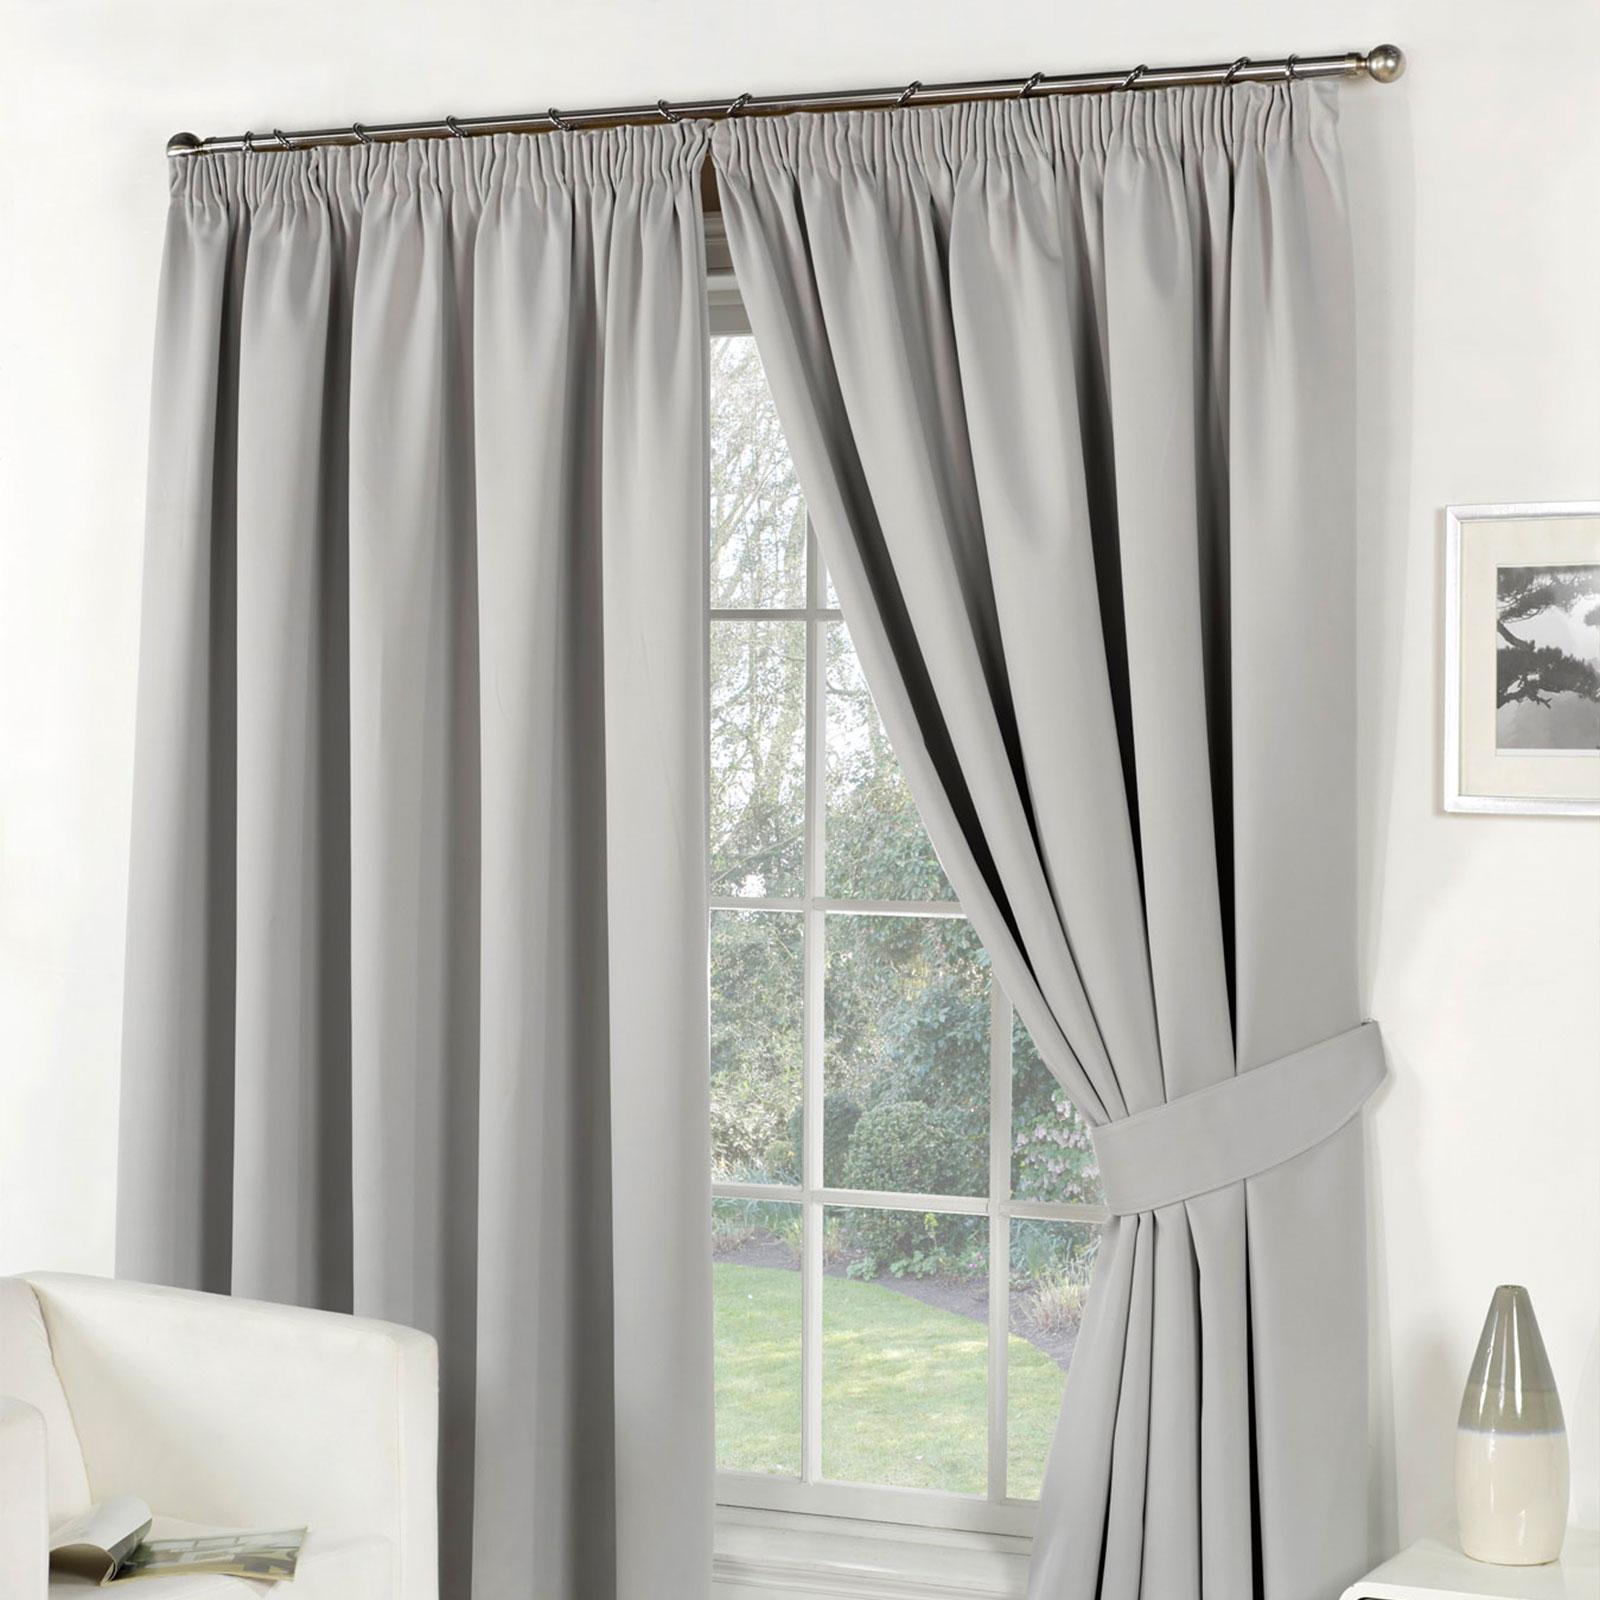 dreamscene thermique accroche pliss e paire de rideau occultant embrasses ebay. Black Bedroom Furniture Sets. Home Design Ideas